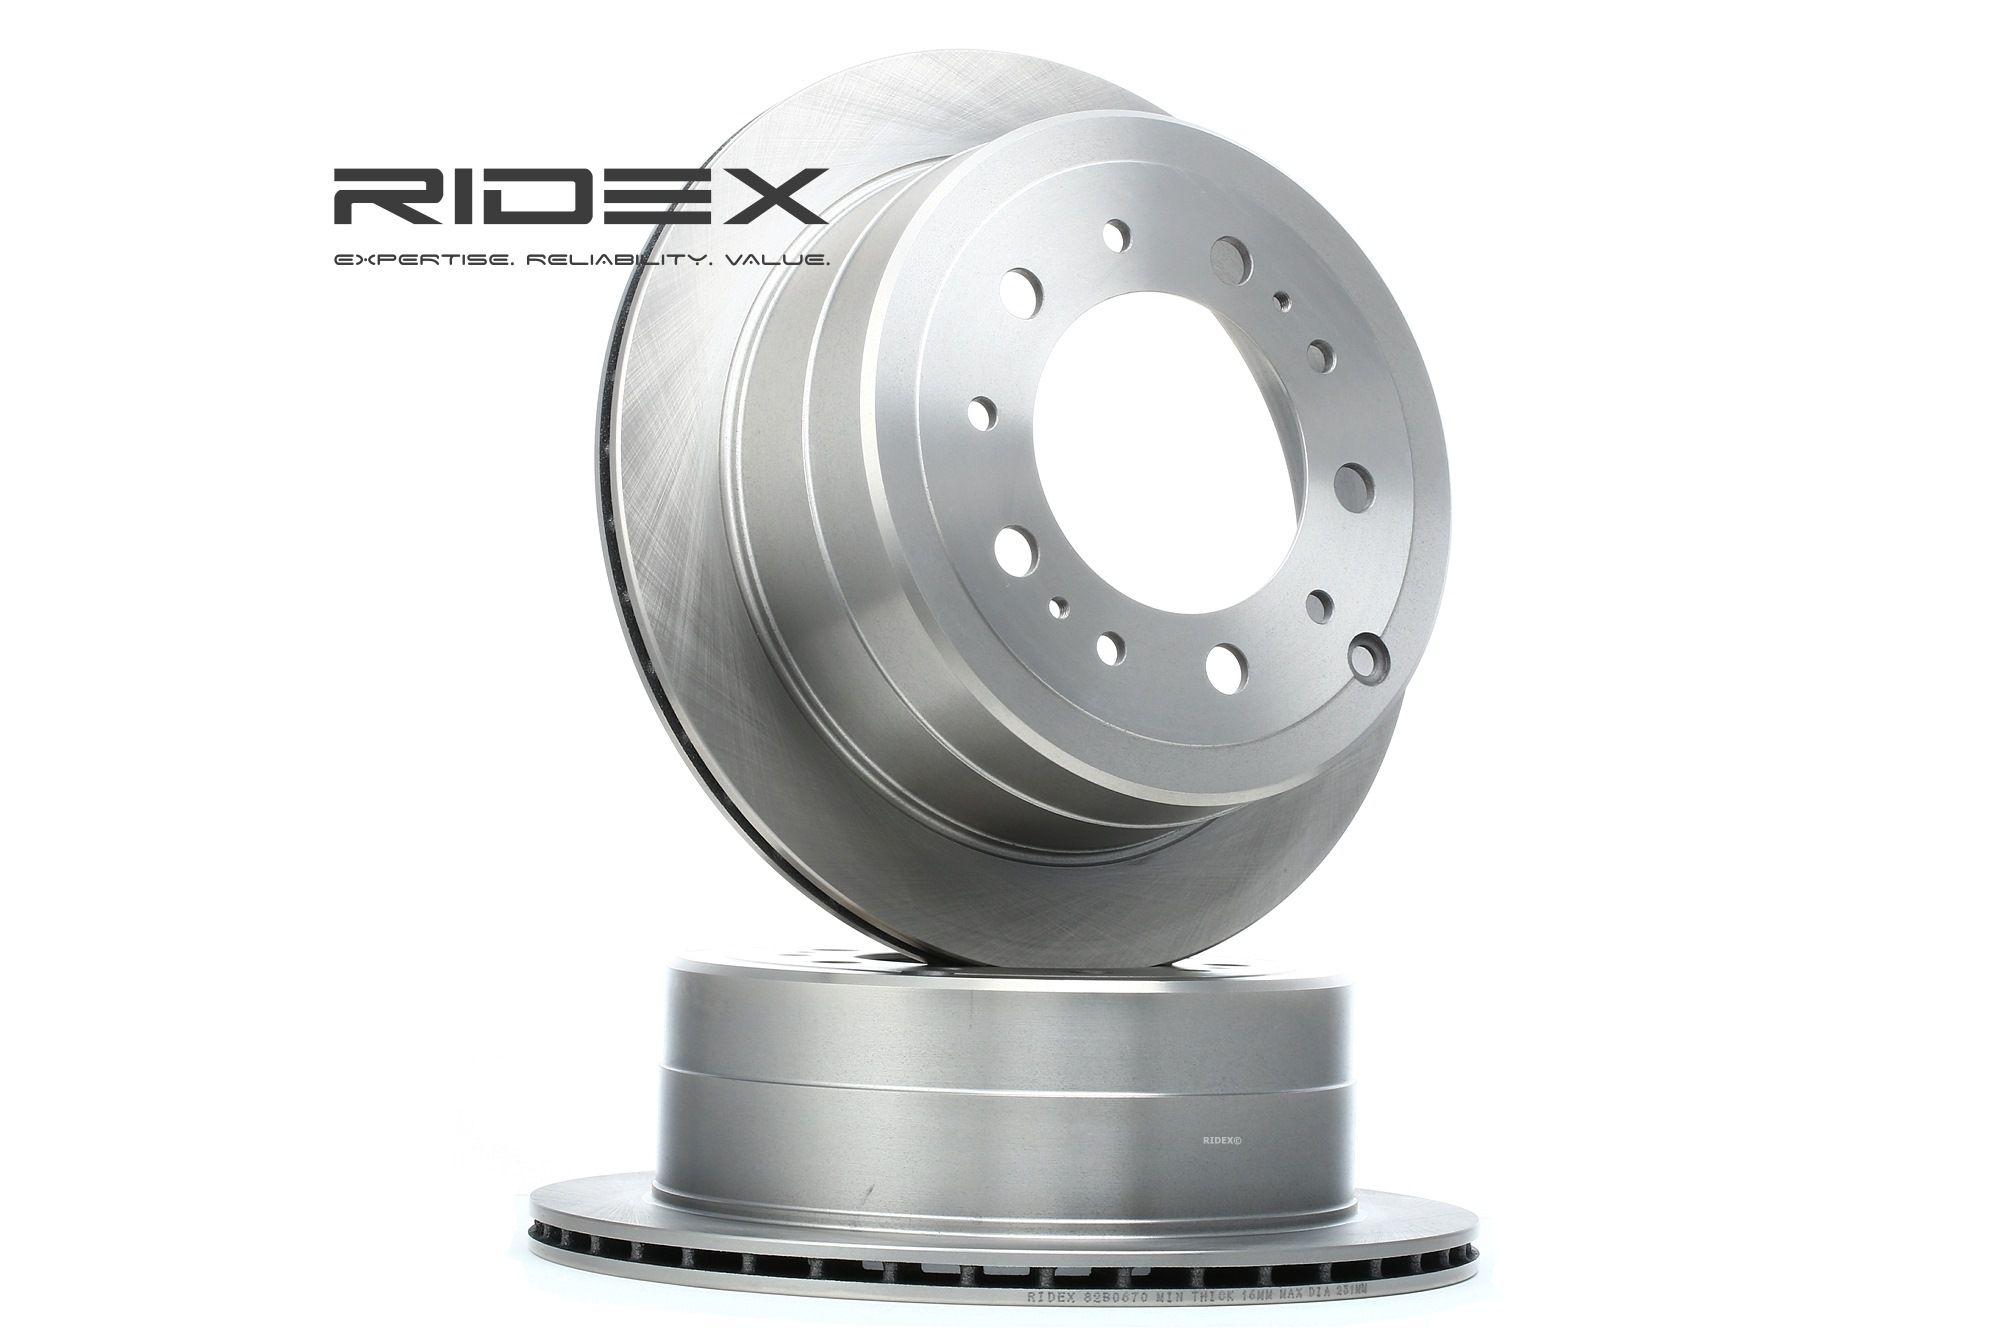 Image of RIDEX Dischi Freno TOYOTA,LEXUS 82B0670 4243160220,4243160221,4243160280 Freni a Disco,Dischi Dei Freni,Disco freno 4243160281